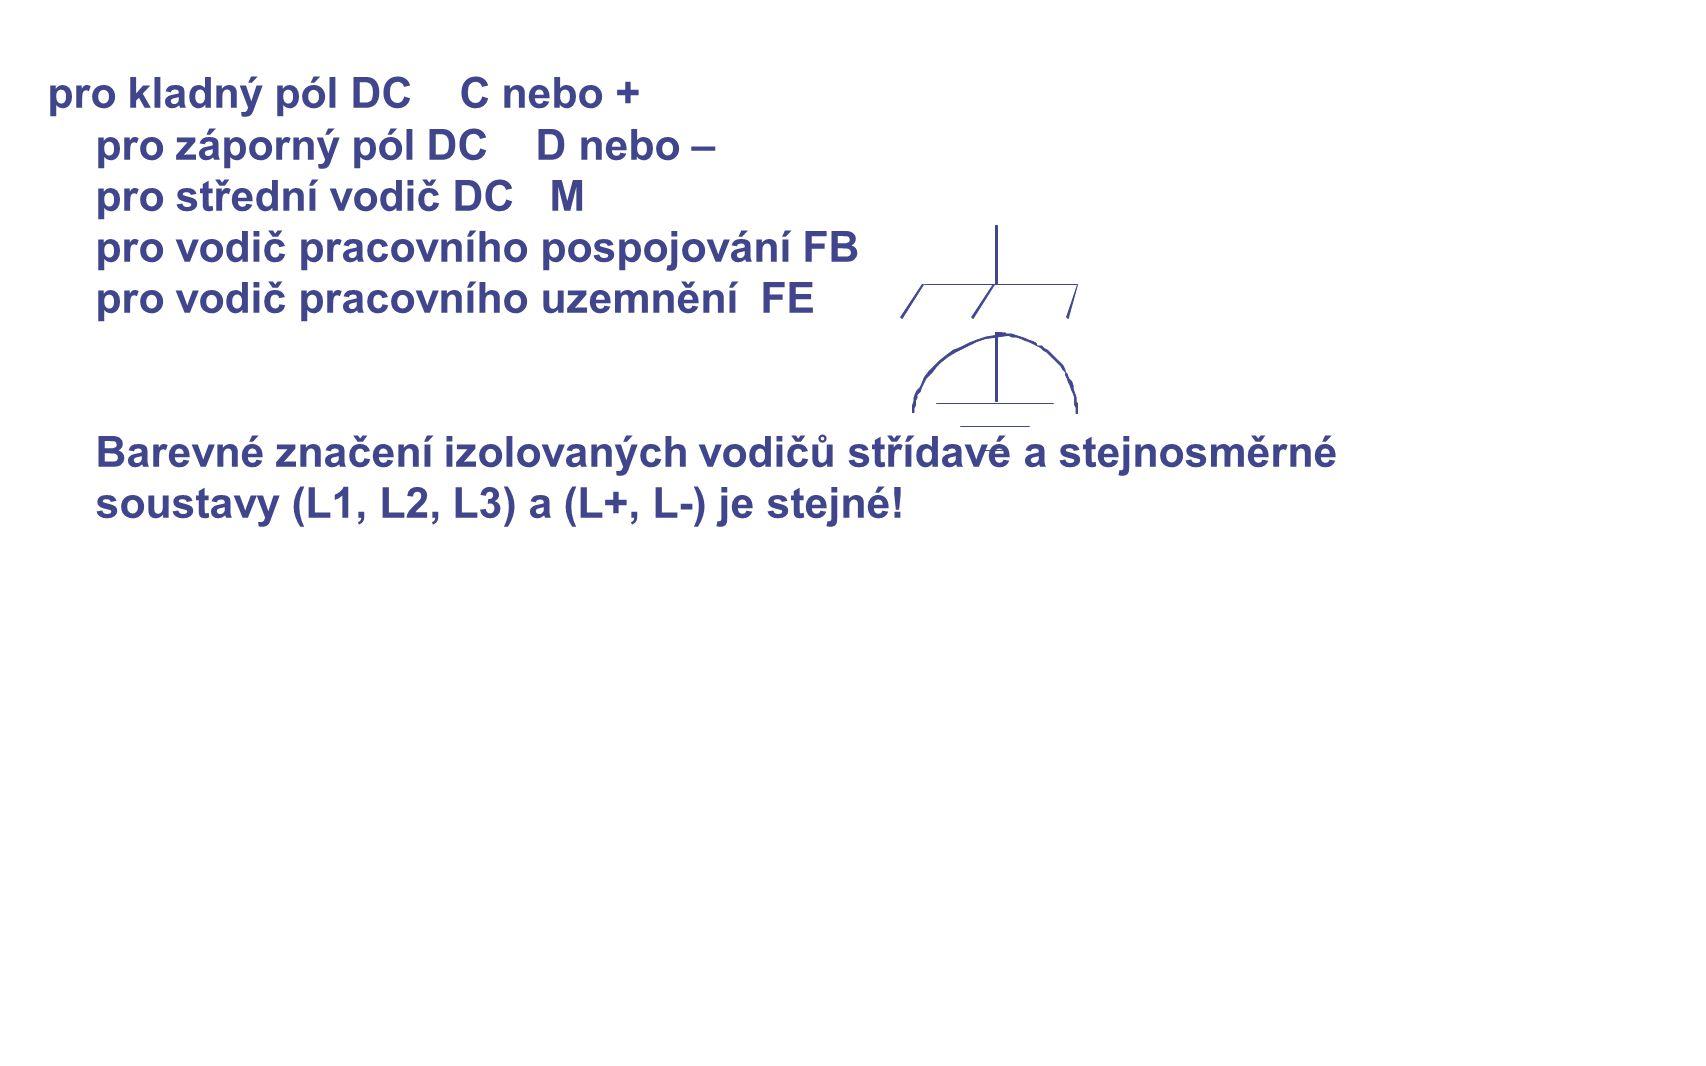 pro kladný pól DC C nebo + pro záporný pól DC D nebo – pro střední vodič DC M pro vodič pracovního pospojování FB pro vodič pracovního uzemnění FE Bar